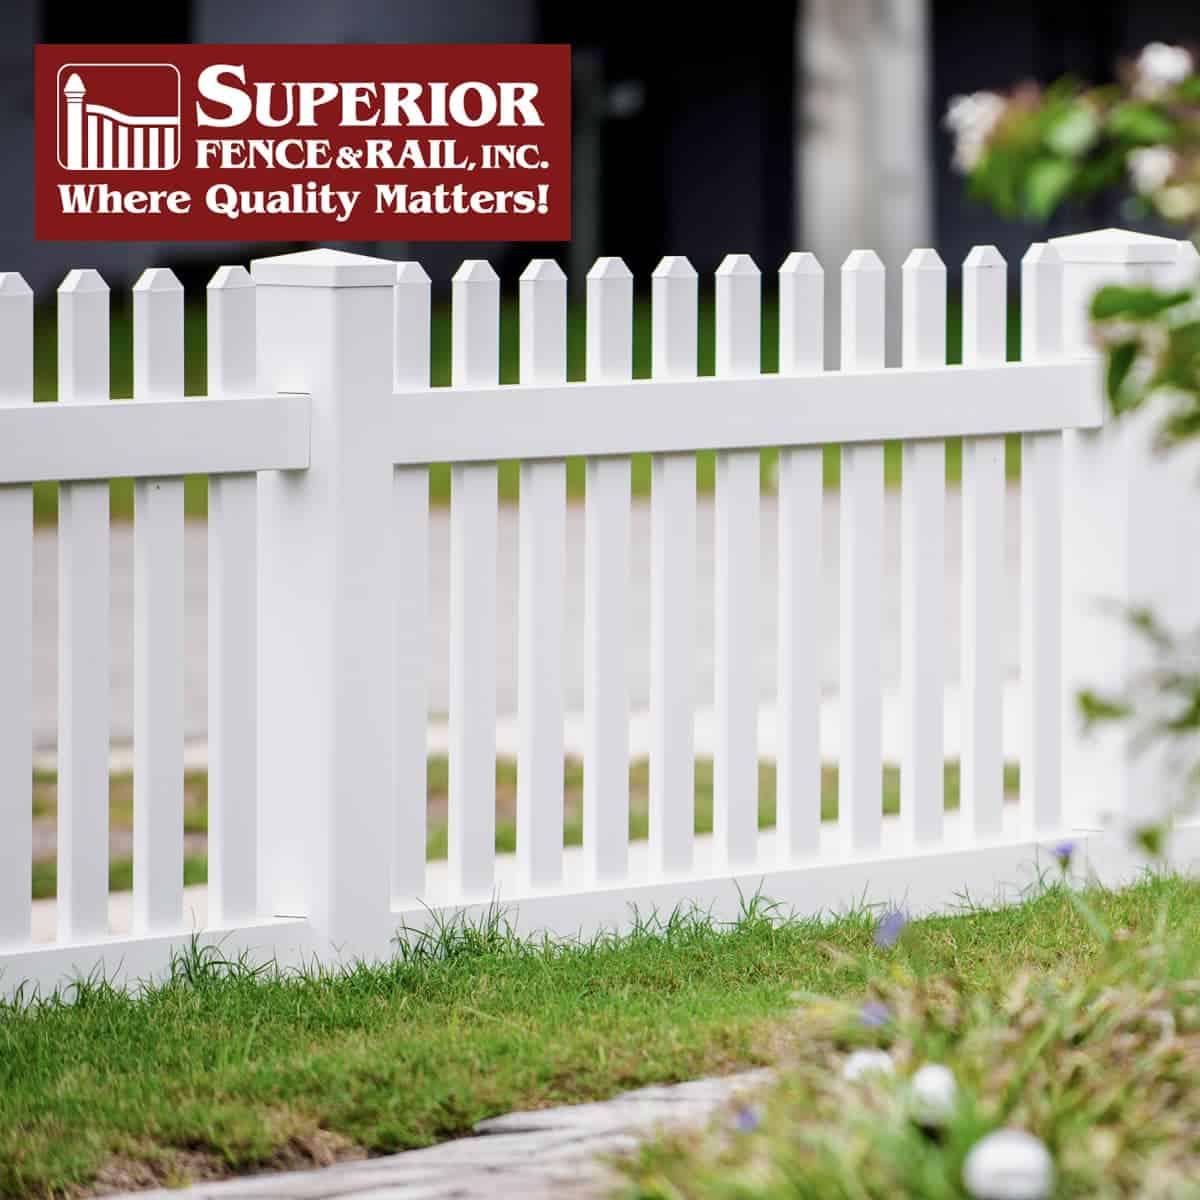 La Vista fence company contractor